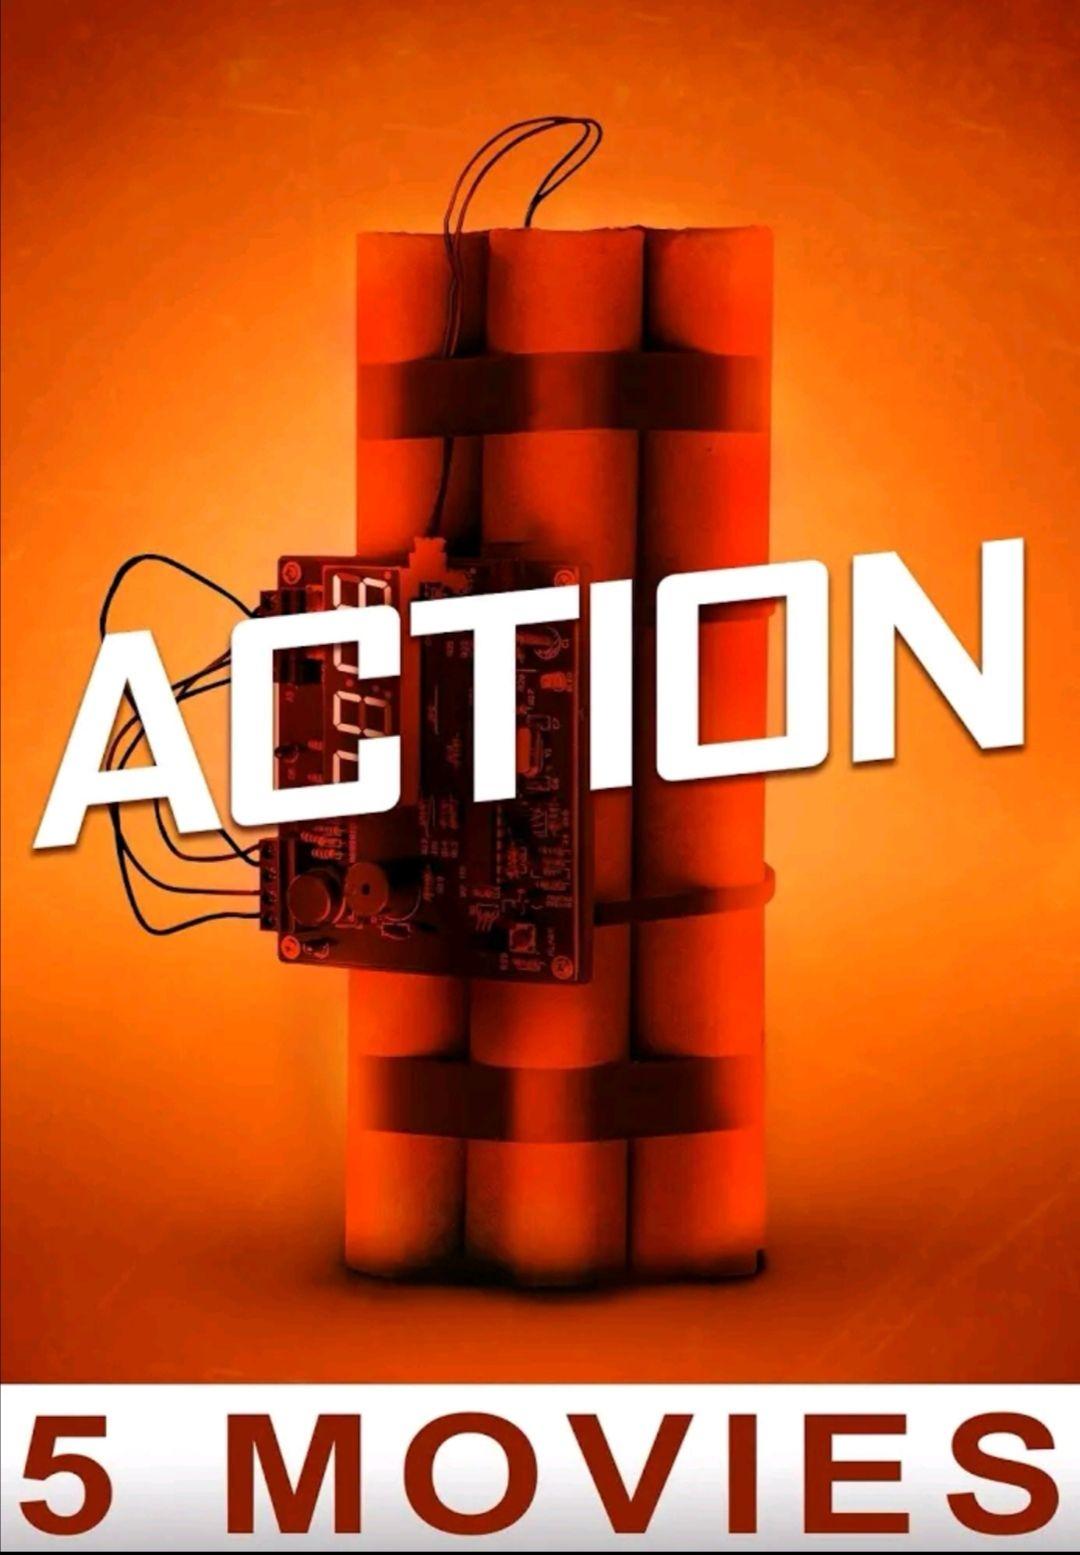 5 action movies £8.99 at Google play